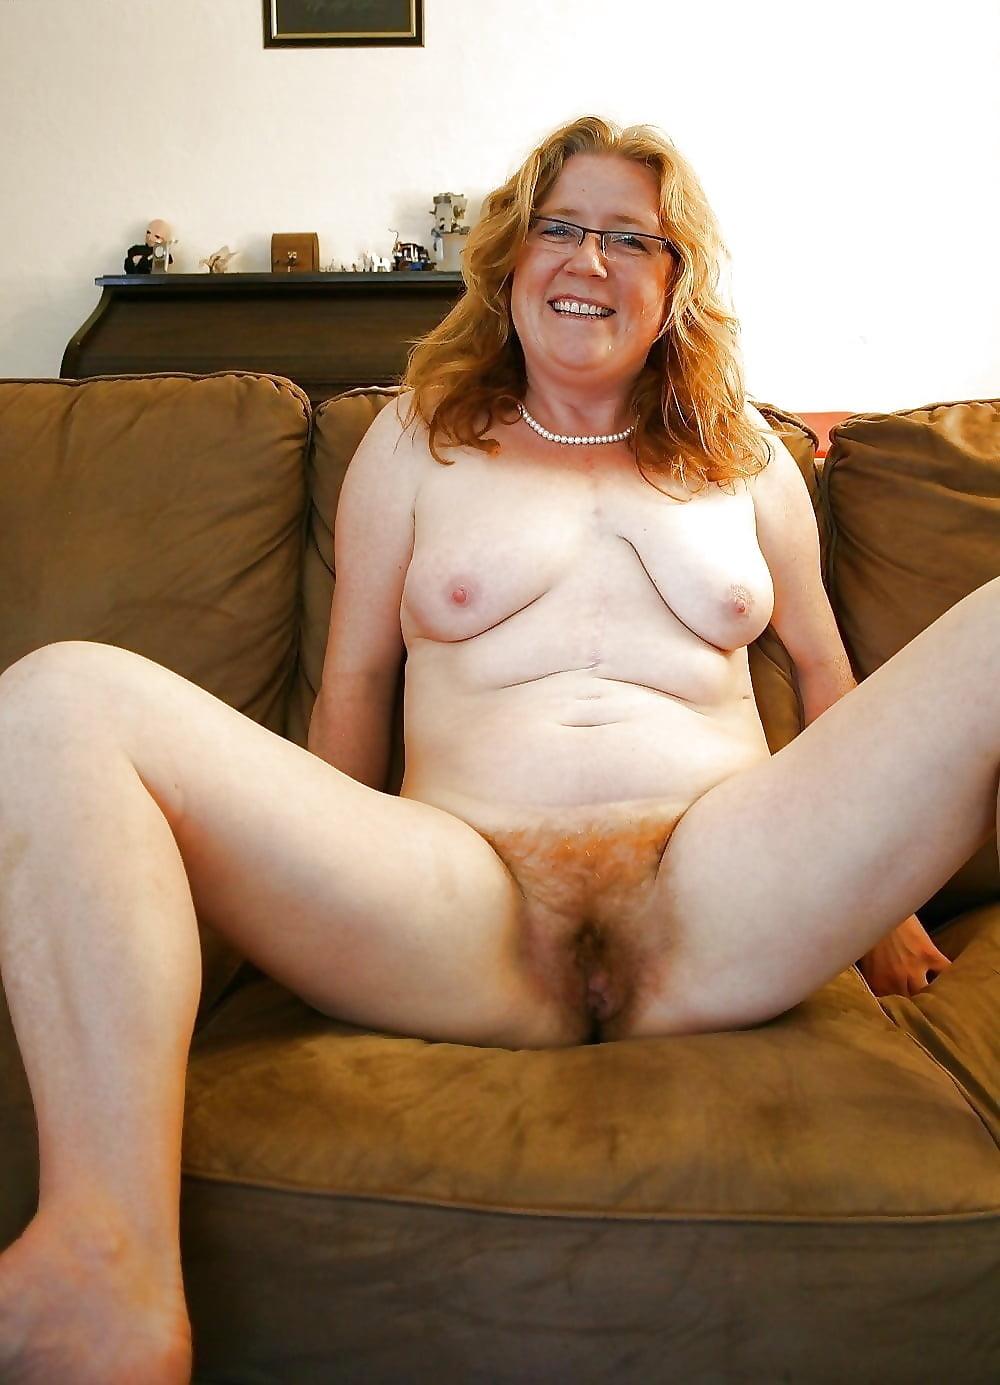 plain-old-women-nude-hairy-small-littel-girl-toon-xxx